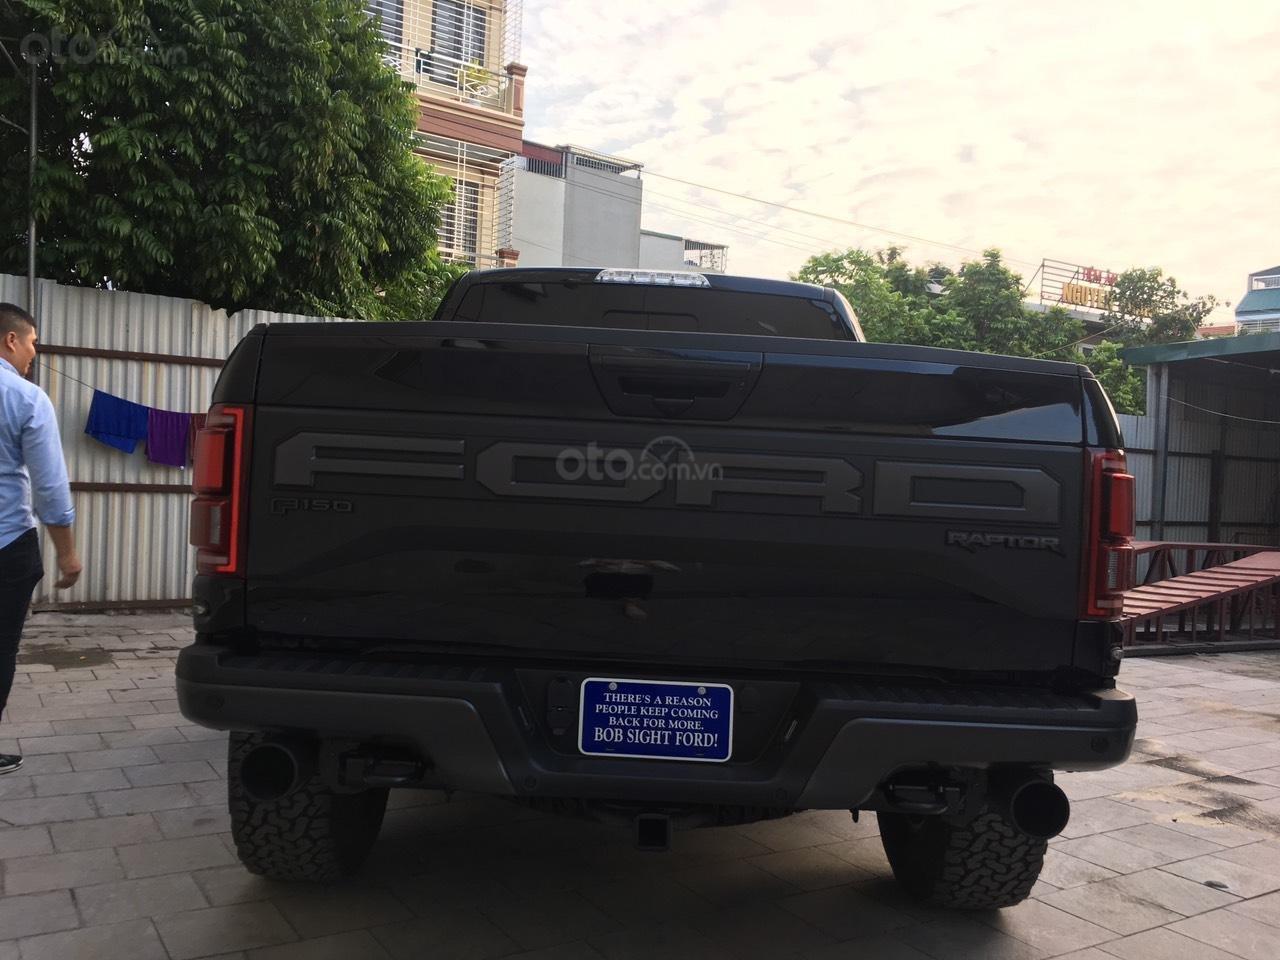 Bán siêu bán tải Ford F150 Raptor 2020, giá tốt giao ngay toàn quốc. LH Ms. Ngọc Vy 093.996.2368 (9)